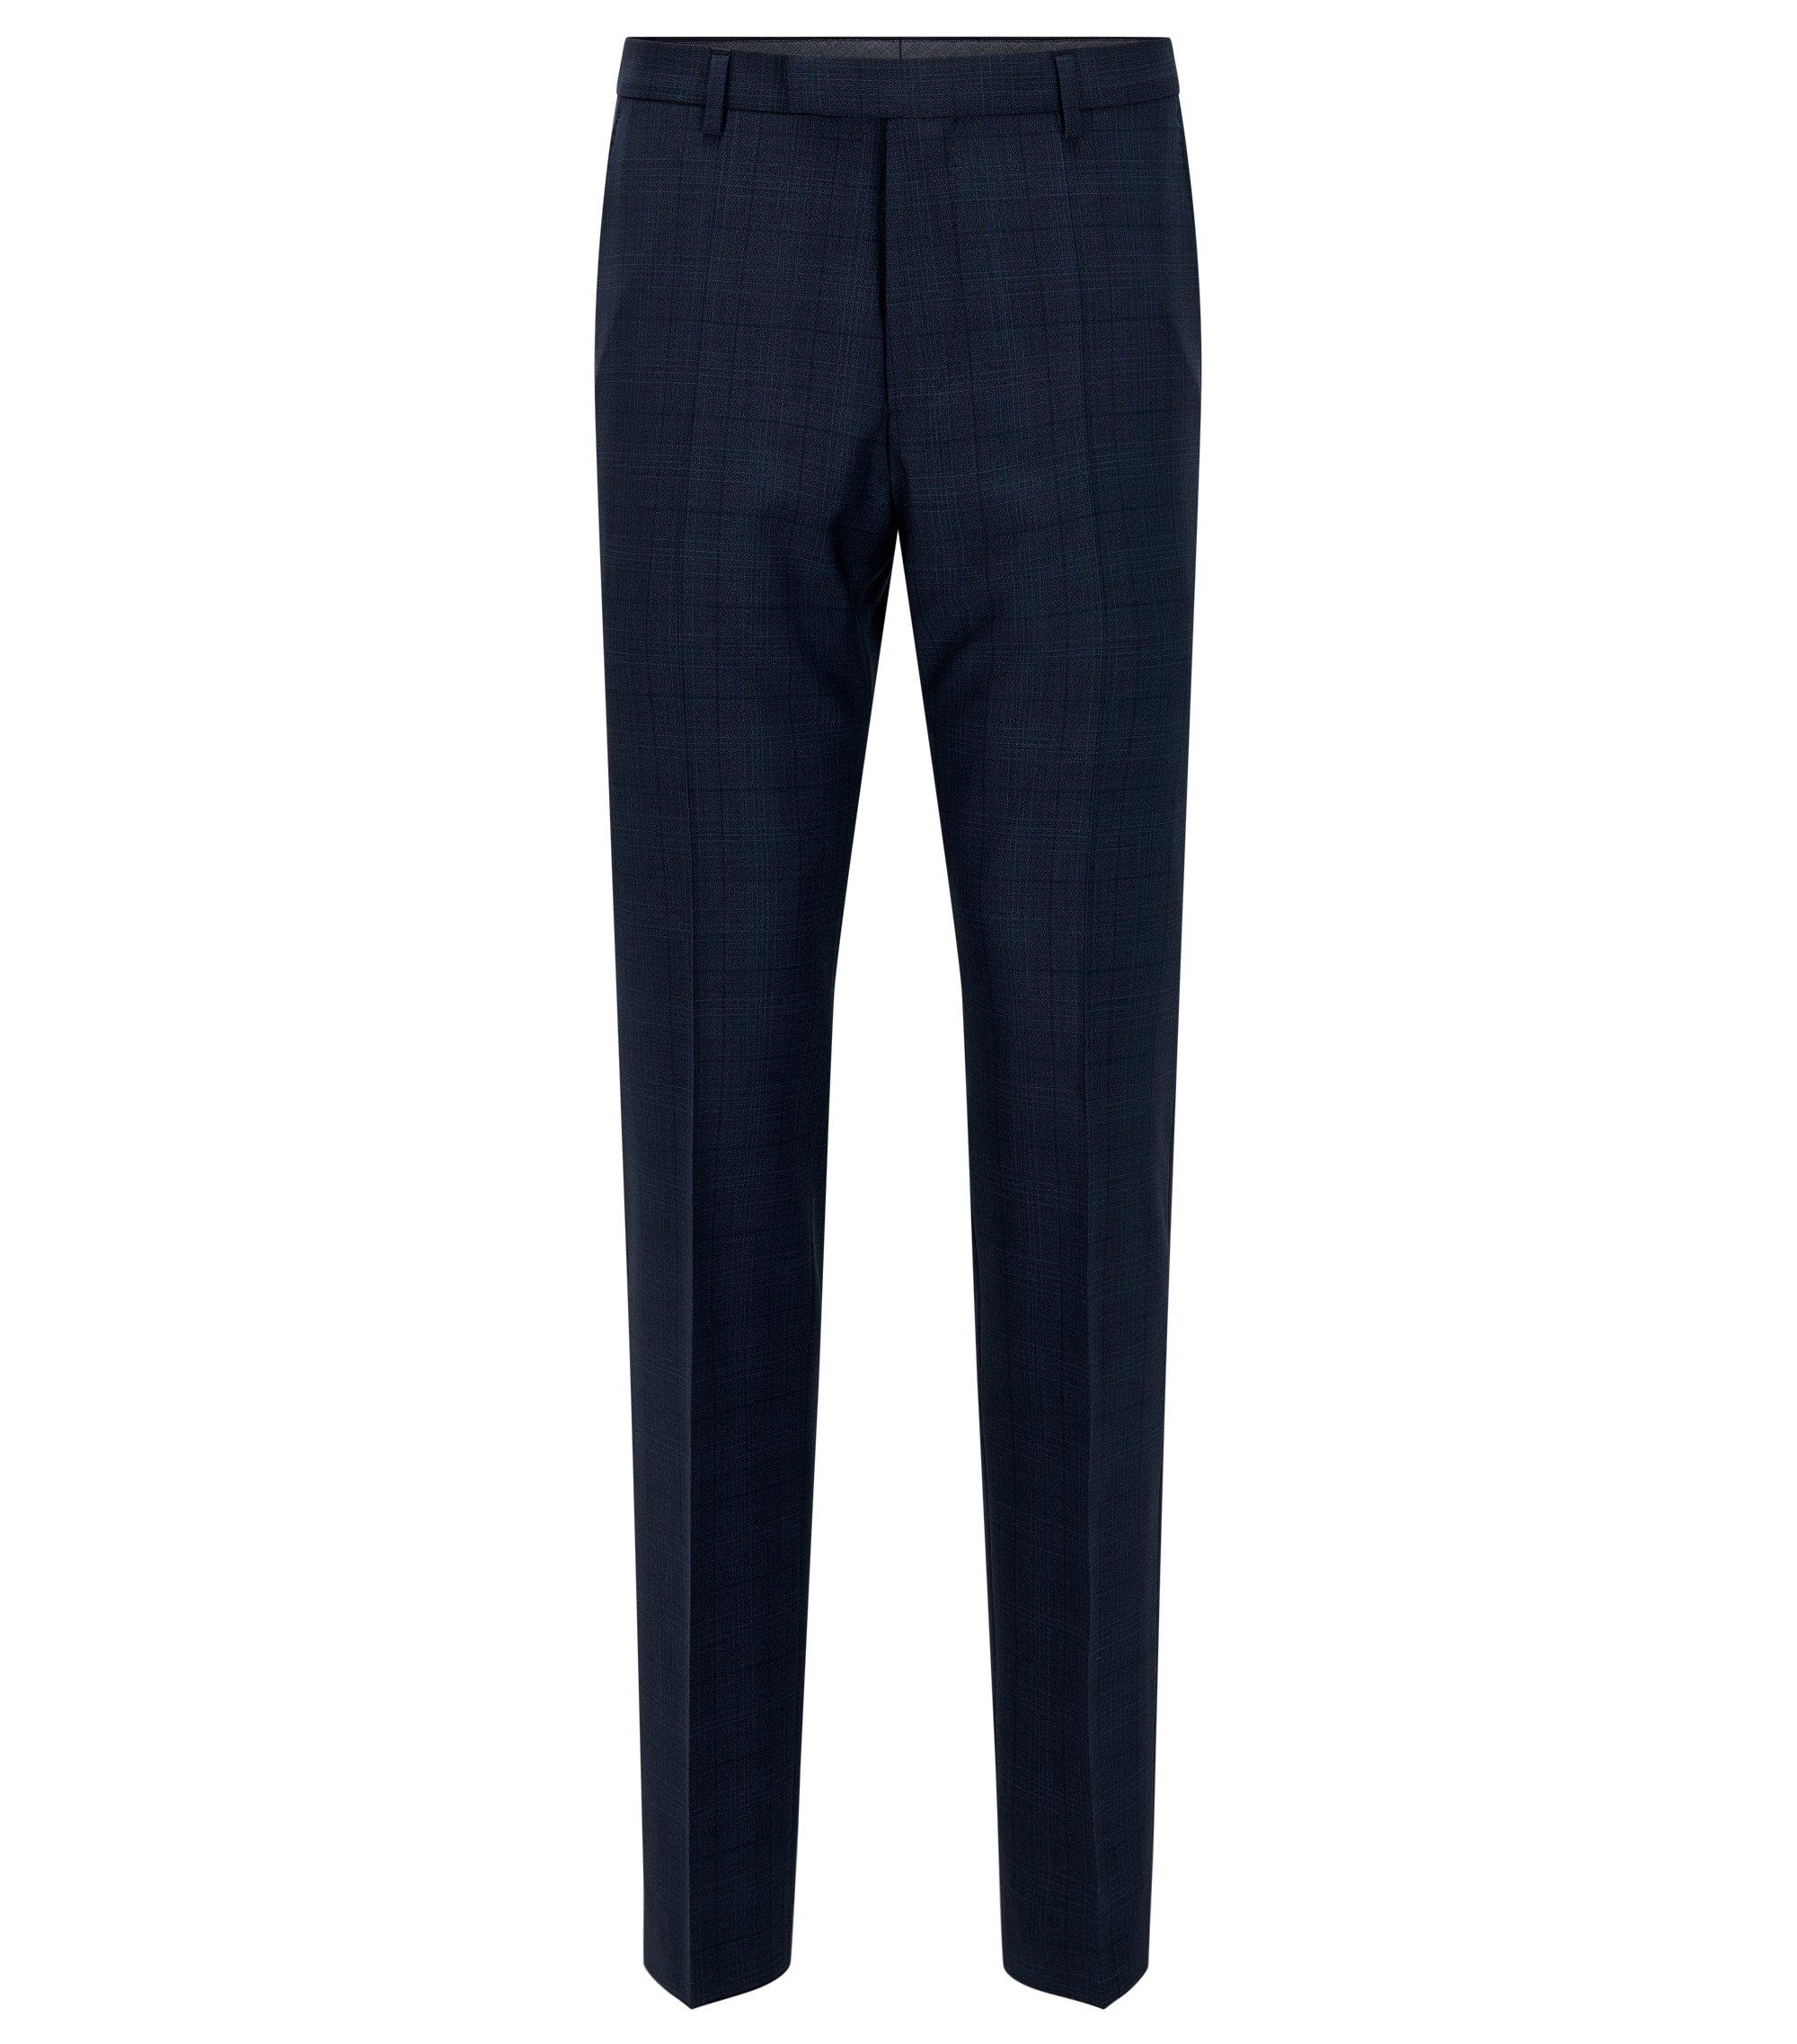 Pantalon Regular Fit en laine vierge, Bleu foncé